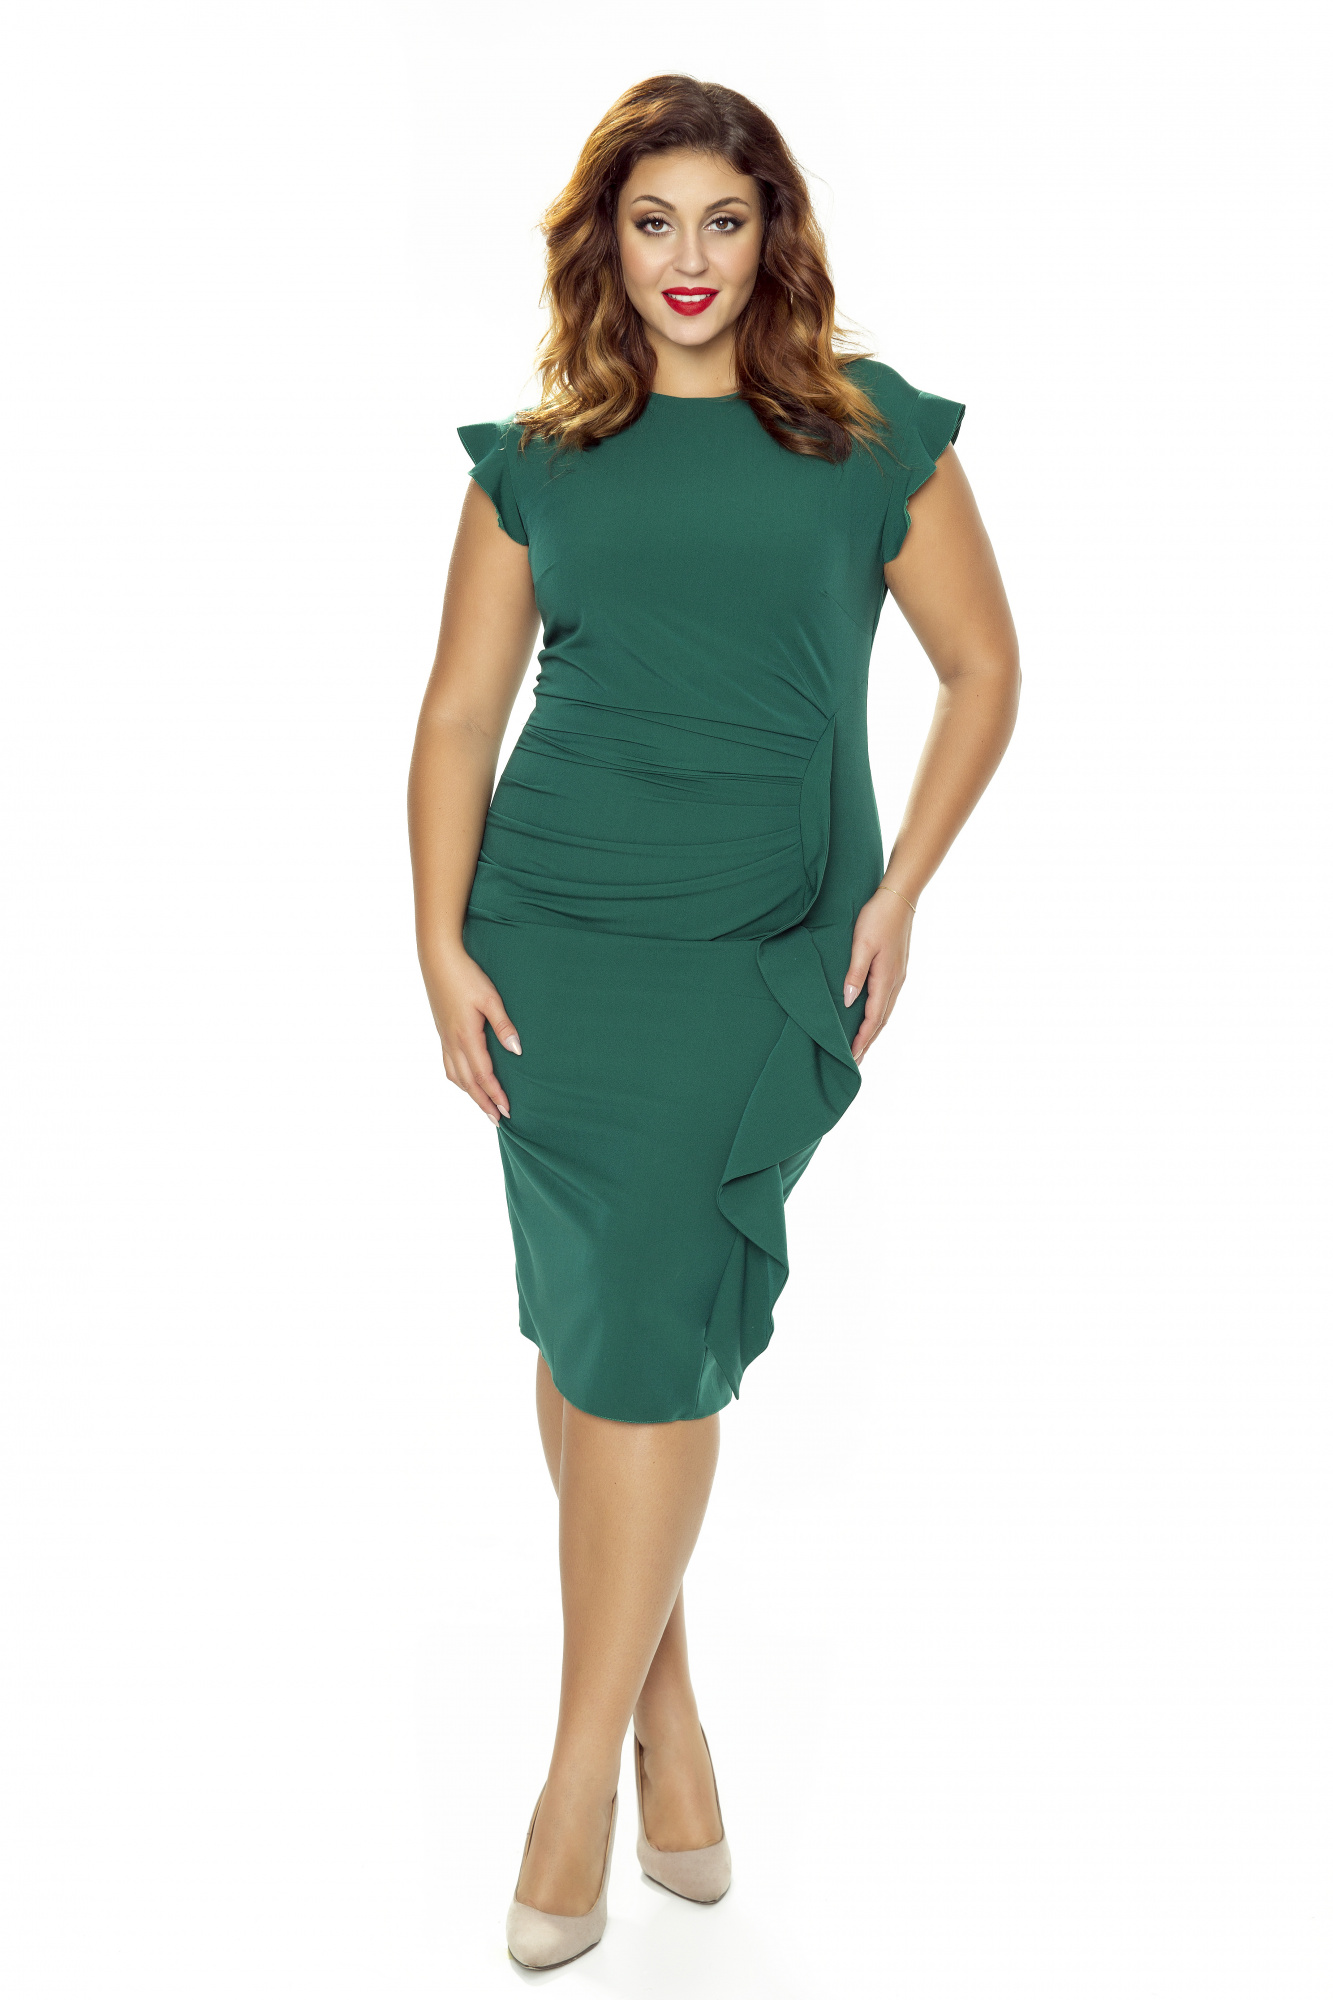 571dd93d371e Zielona wizytowa sukienka z falbaną na wesele Km66-6 - ❤ Kartes-Moda ❤